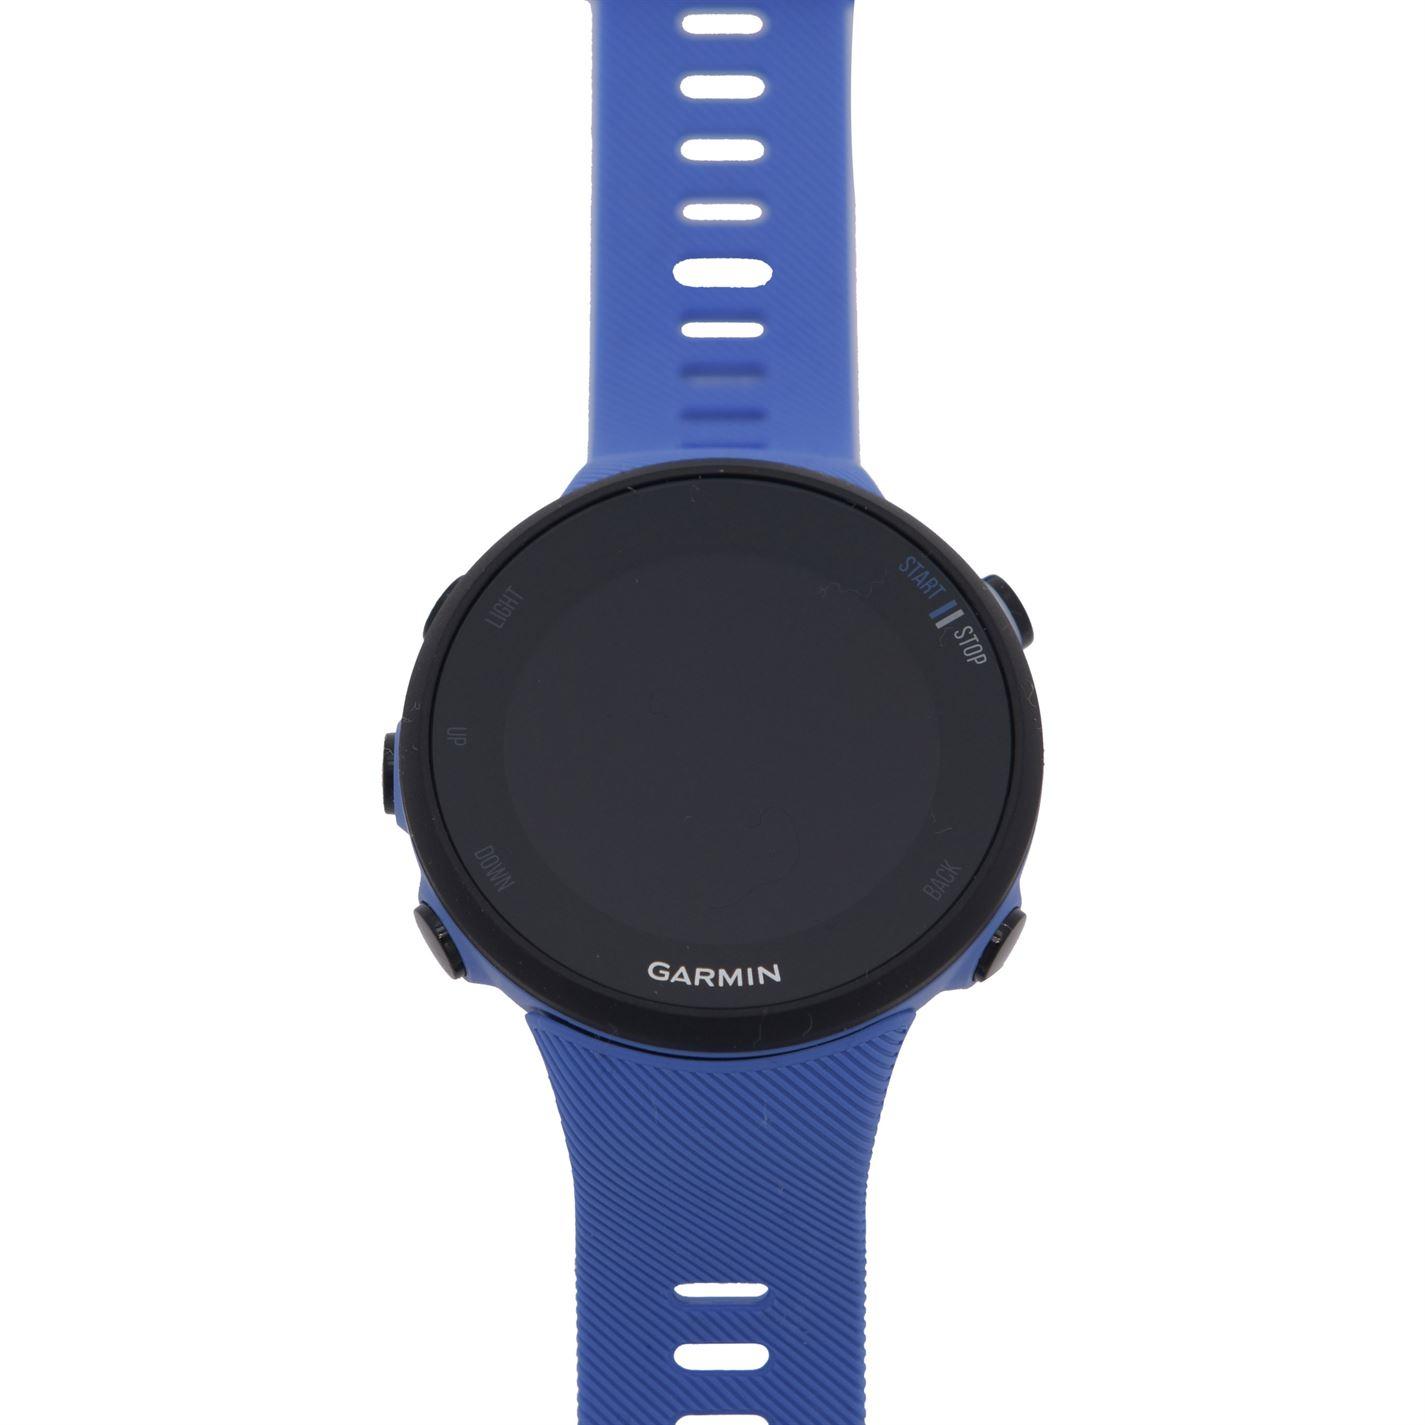 Garmin Forerunner 45 Small Running Watch